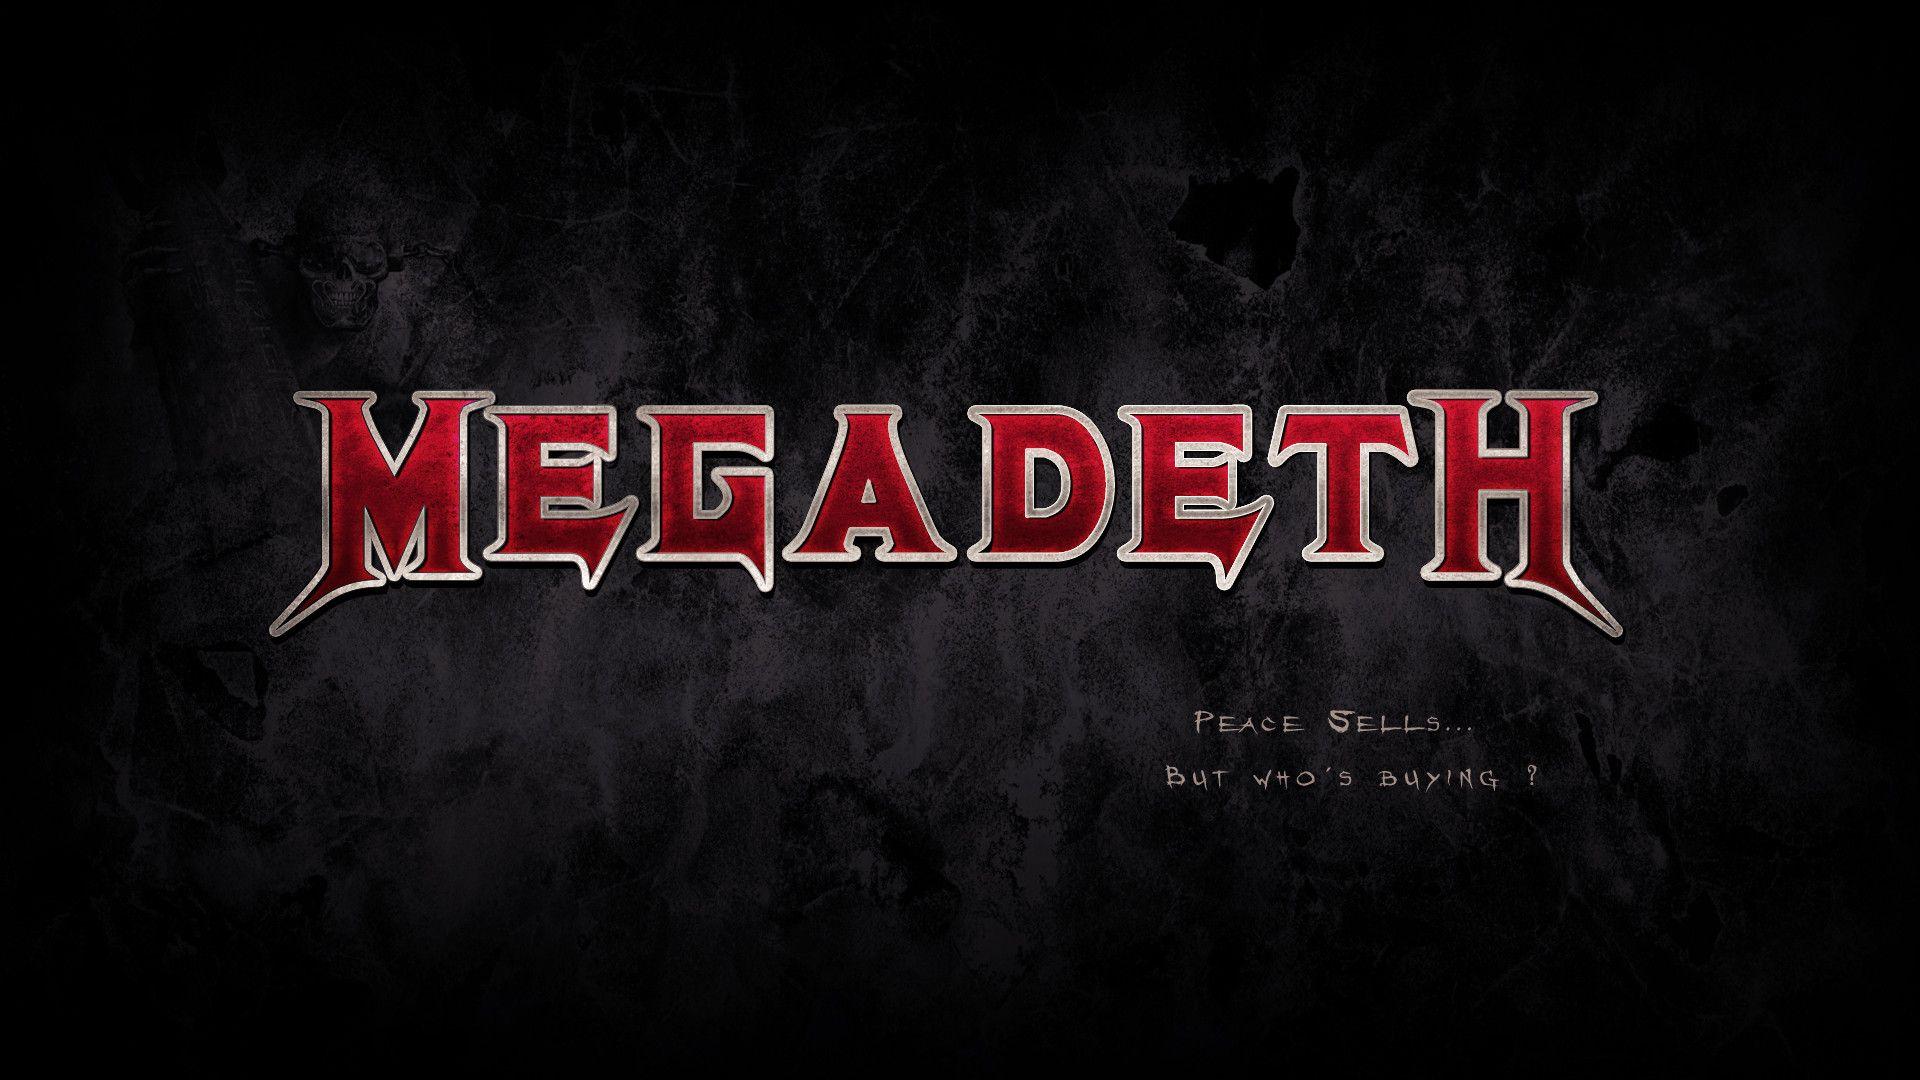 megadeth wallpaper hd 1080p wallpapersafari